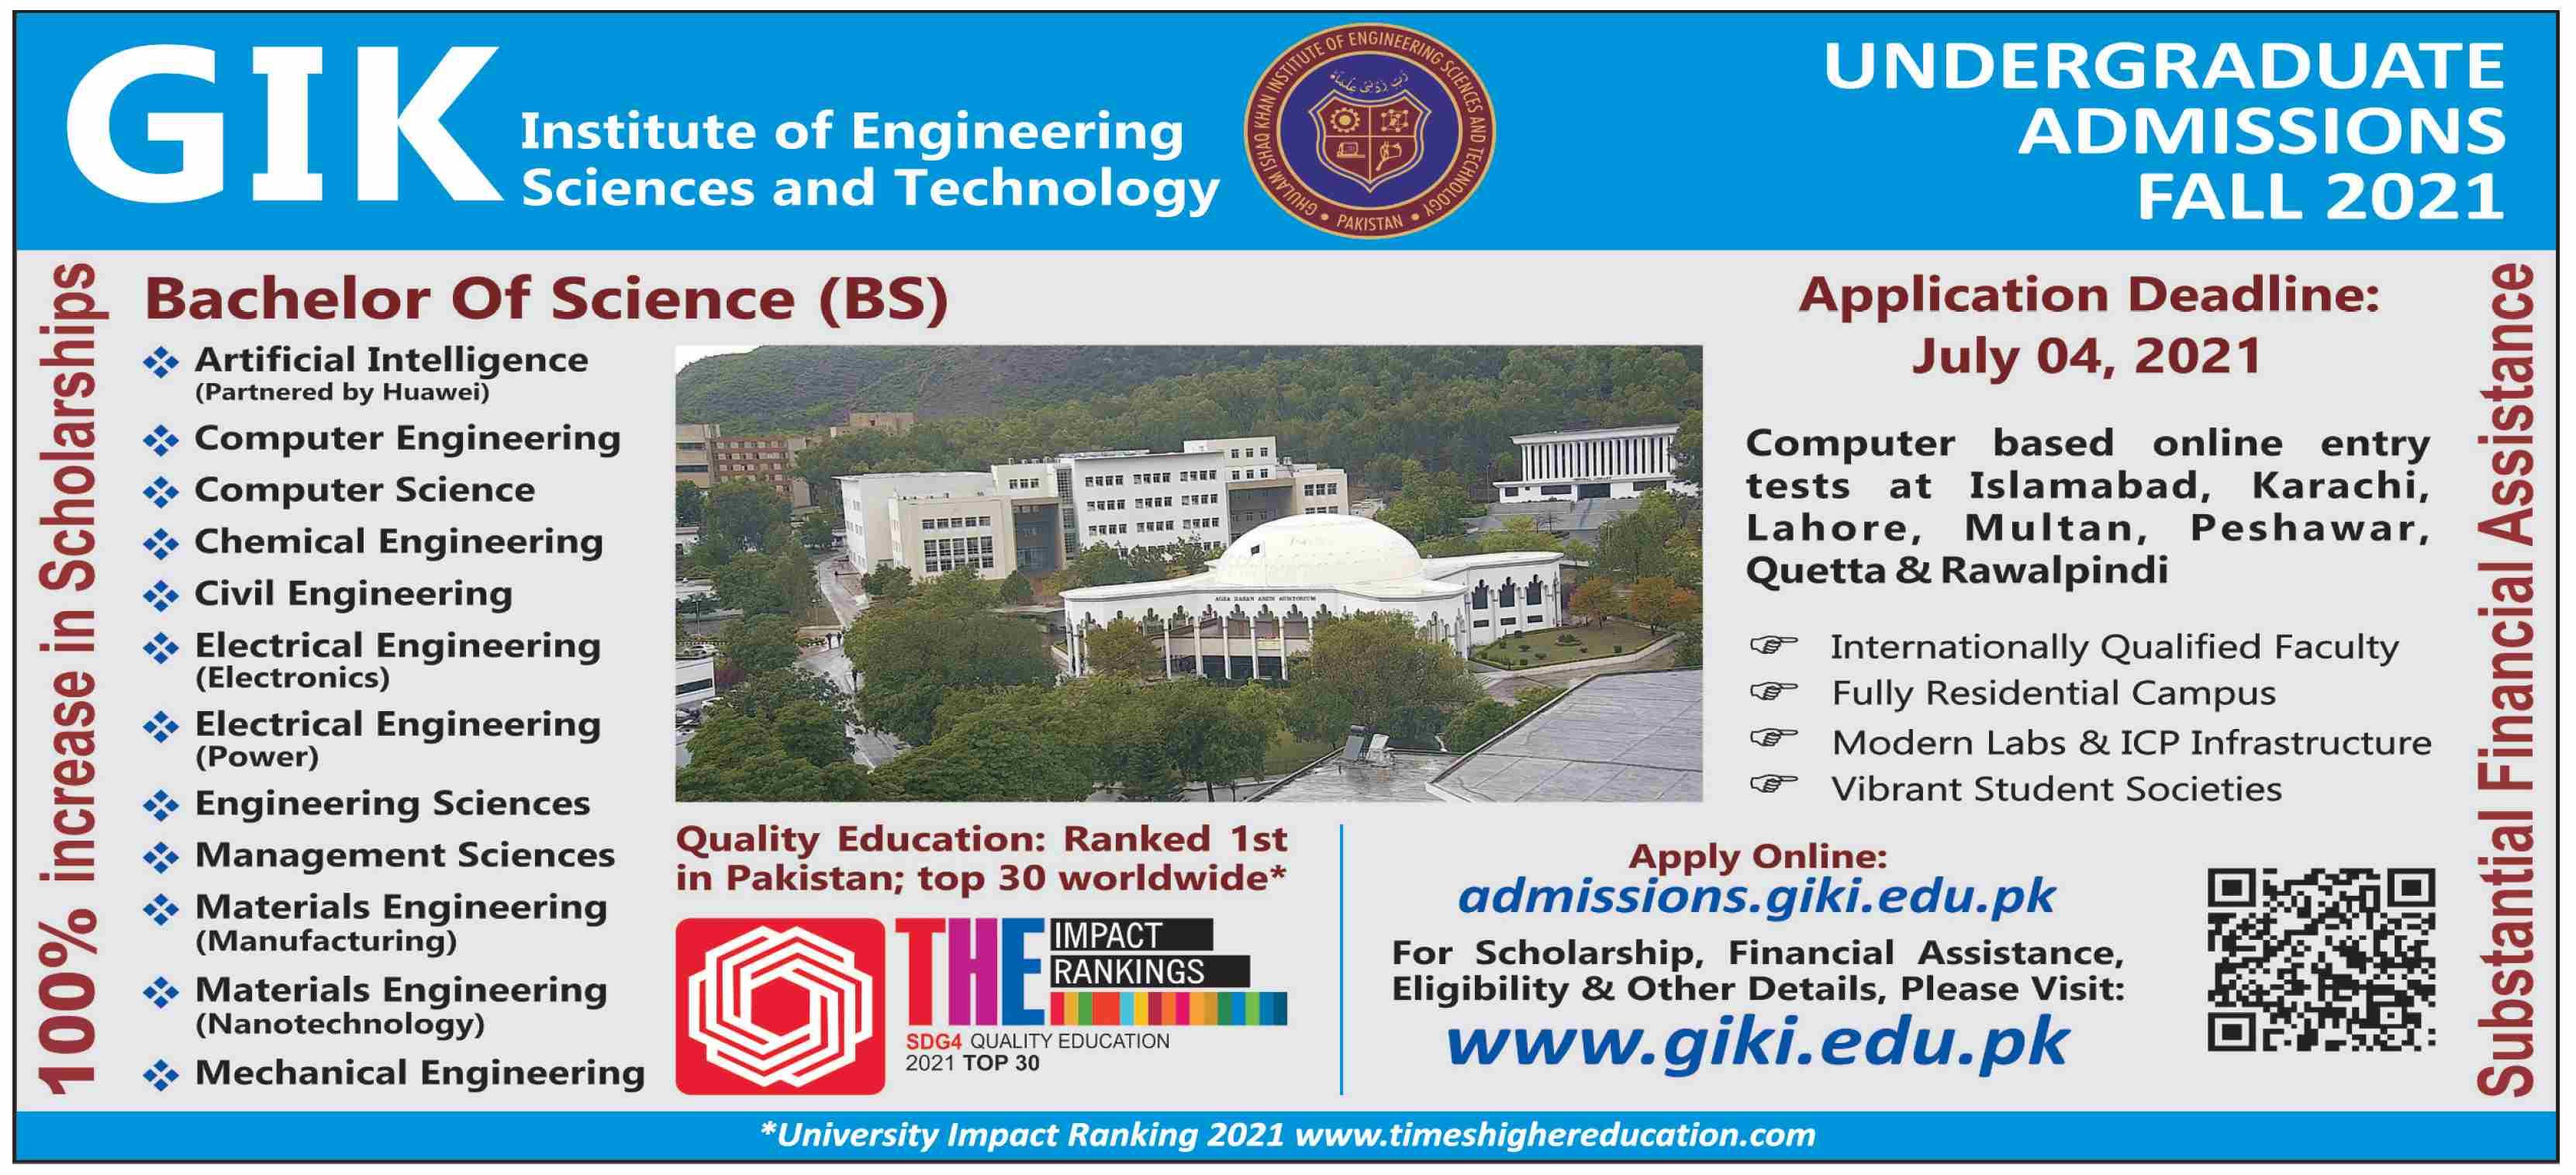 GIKI University Admission 2021